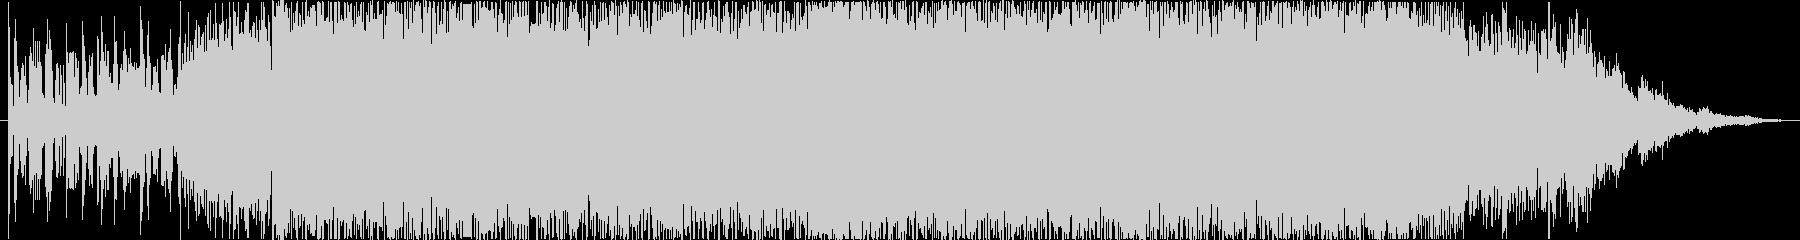 ノイジー、攻撃的なEDM の未再生の波形